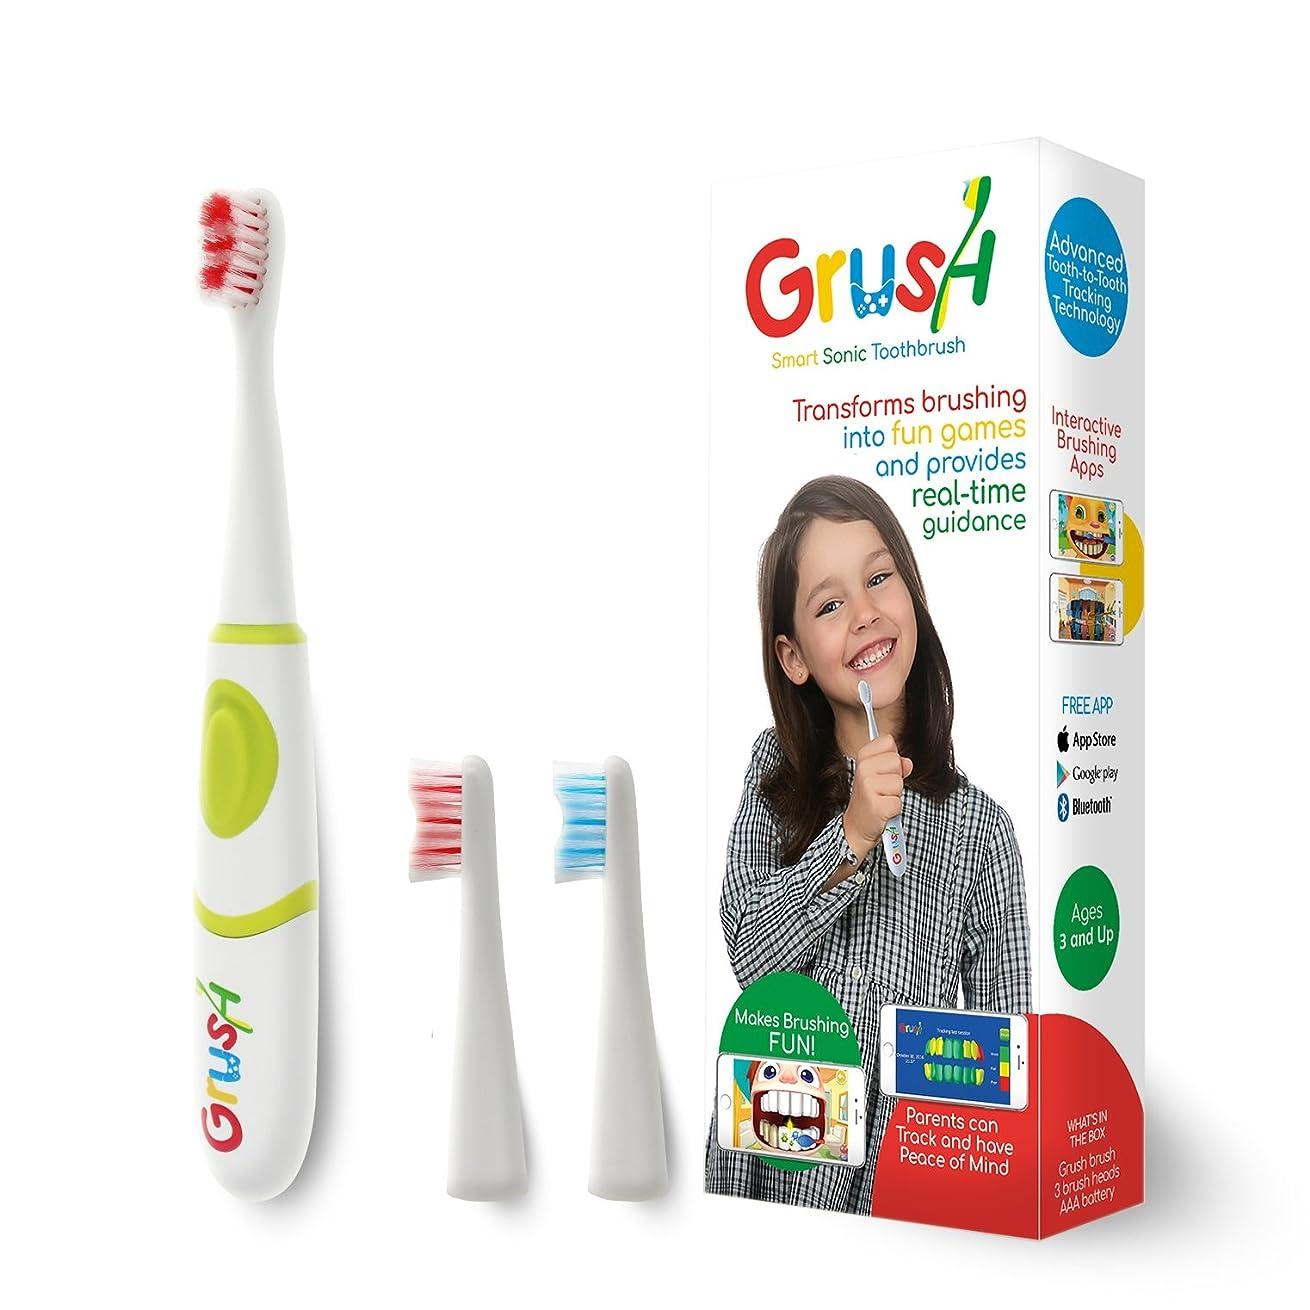 発疹クランプスーダン歯磨きでモンスターが倒せる!?スマホゲームと連動した電動歯ブラシ「Grush」子供用歯ブラシ 音波振動歯ブラシ